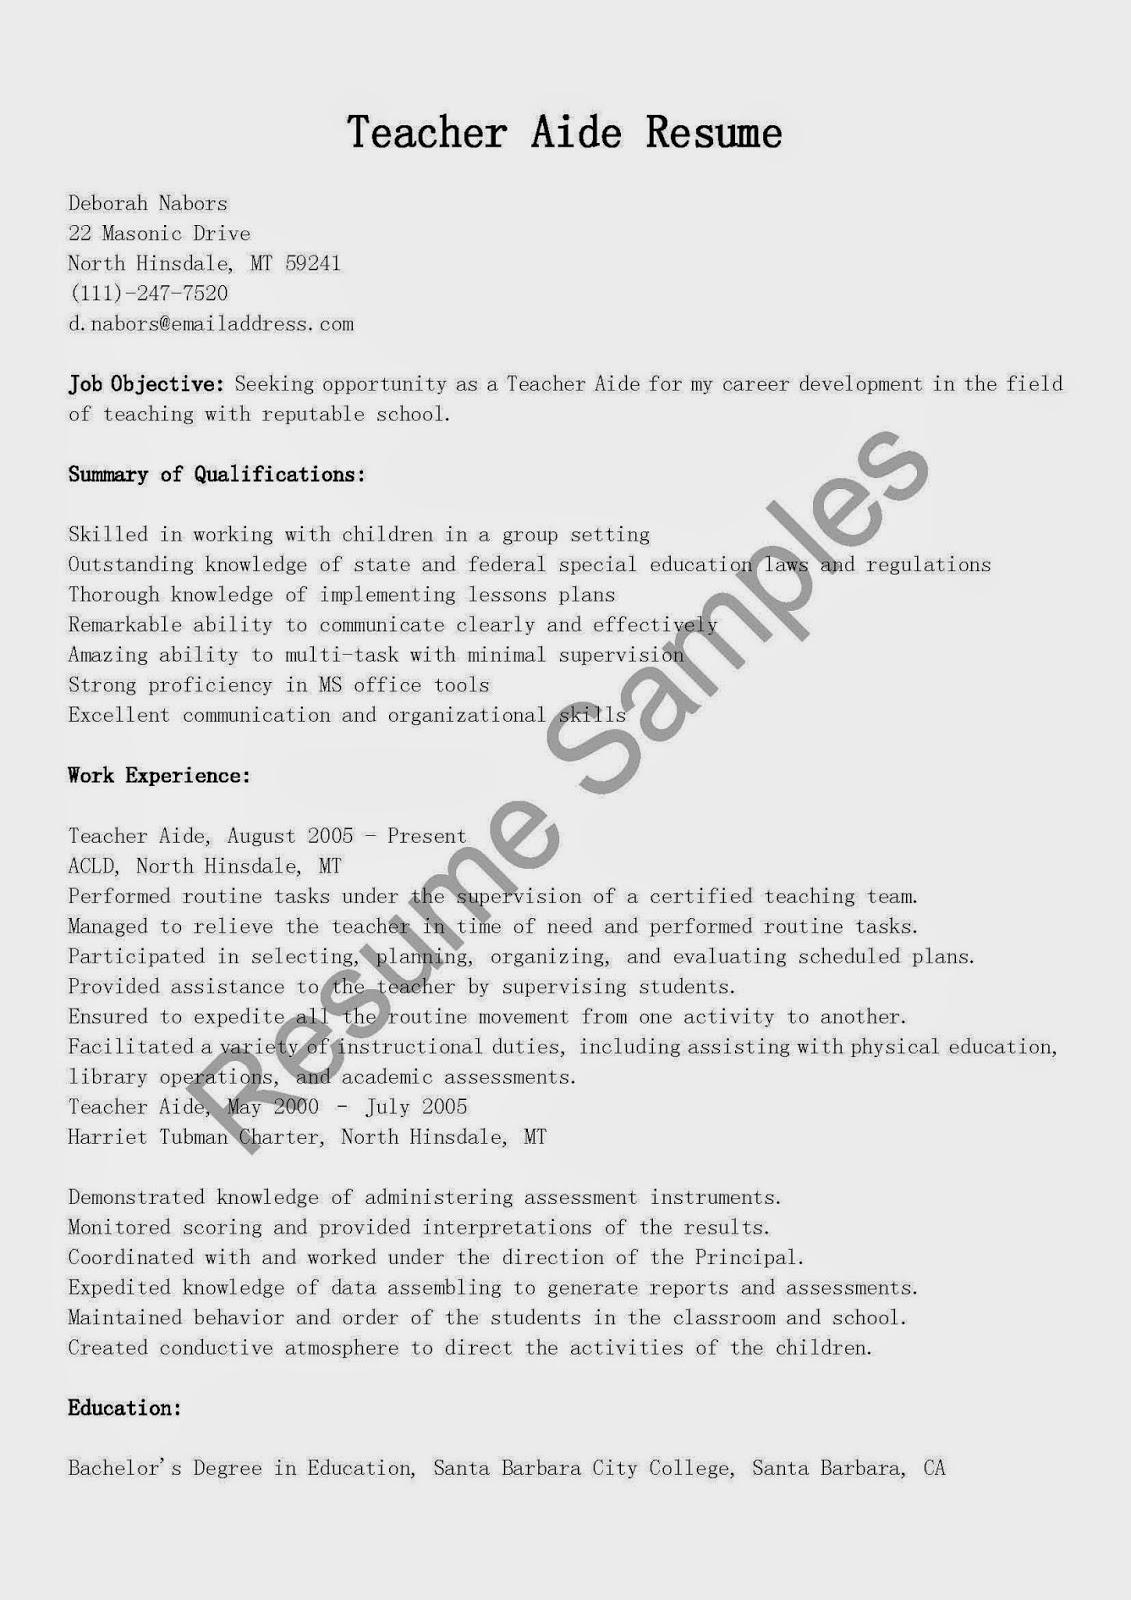 resume samples teacher aide resume sample